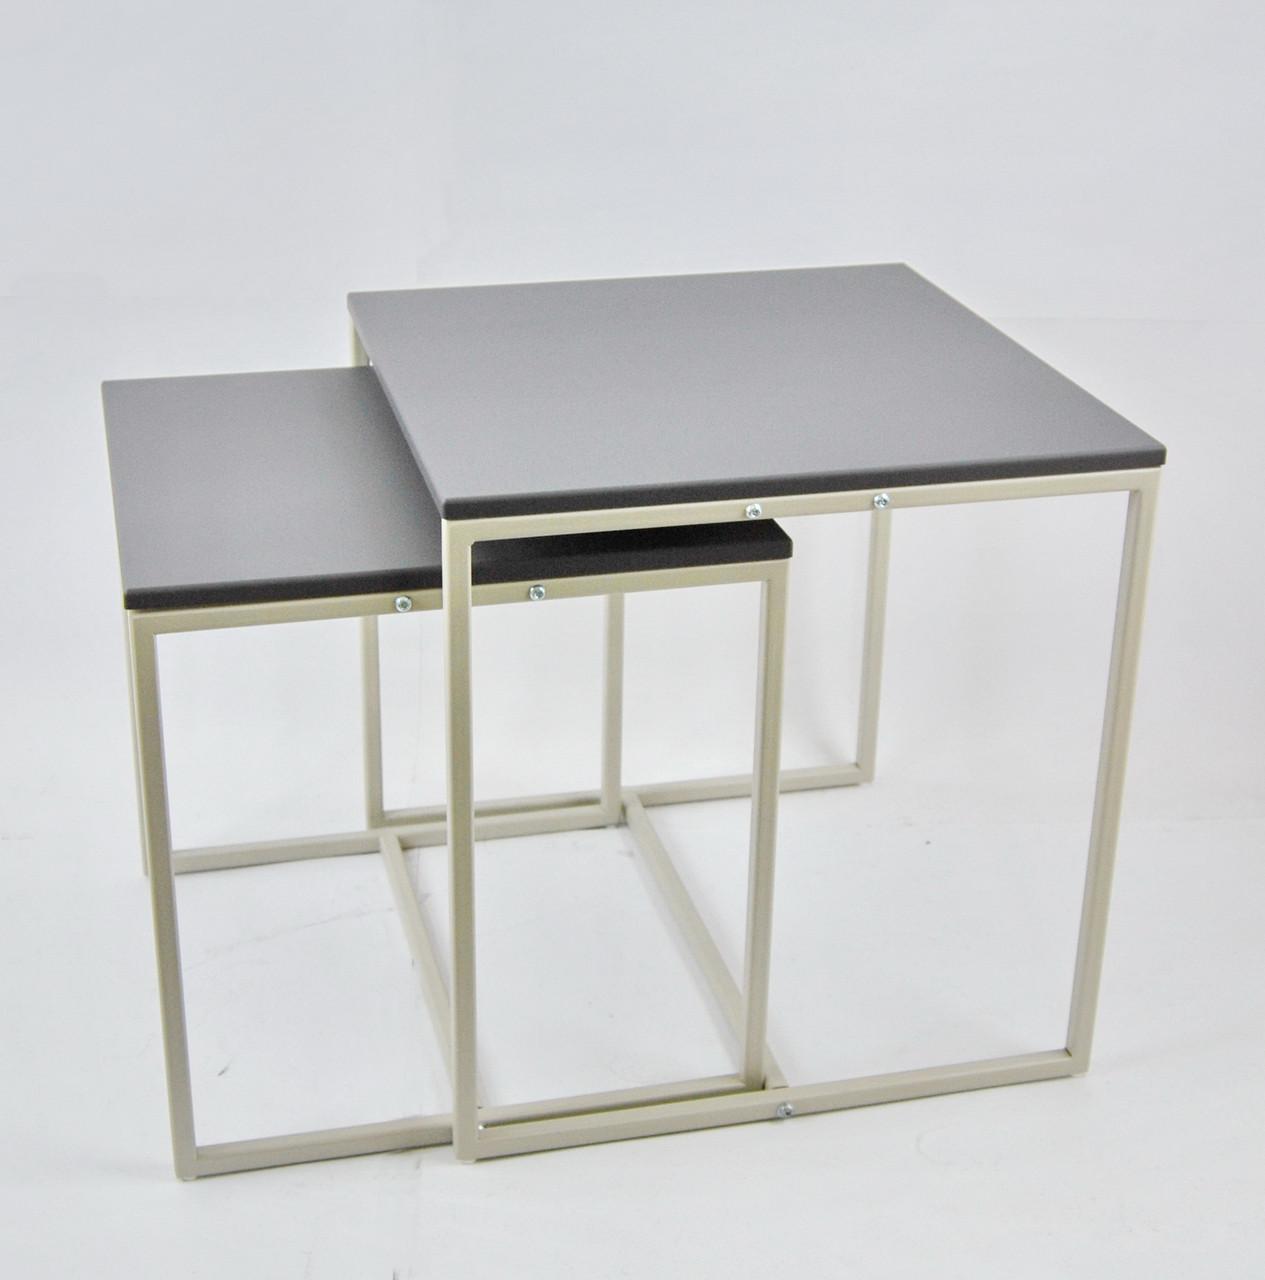 Комплект столов журнальных Куб 400 и Куб 450 - Элегантный серый (Loft Cub gray-gray)